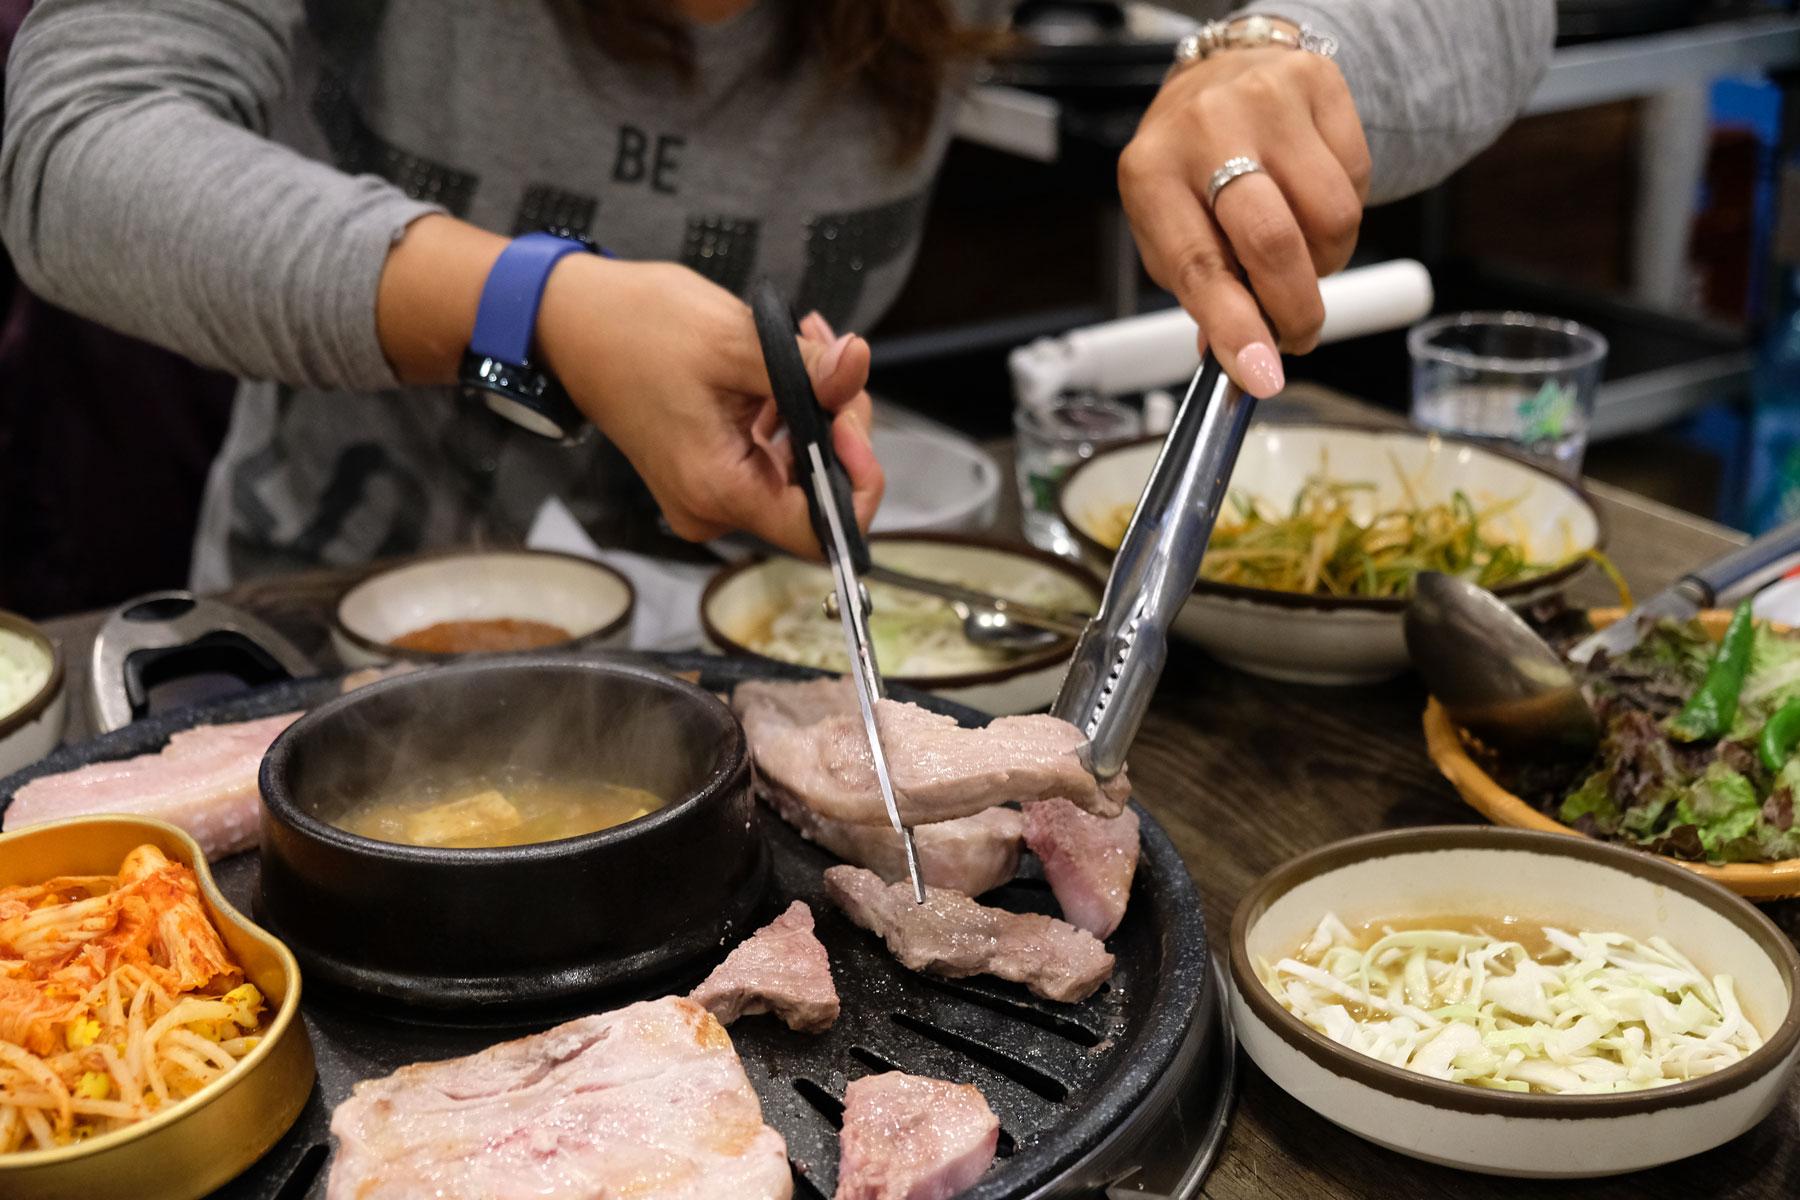 Ein Stück Fleisch wird mit der Schere kleingeschnitten.